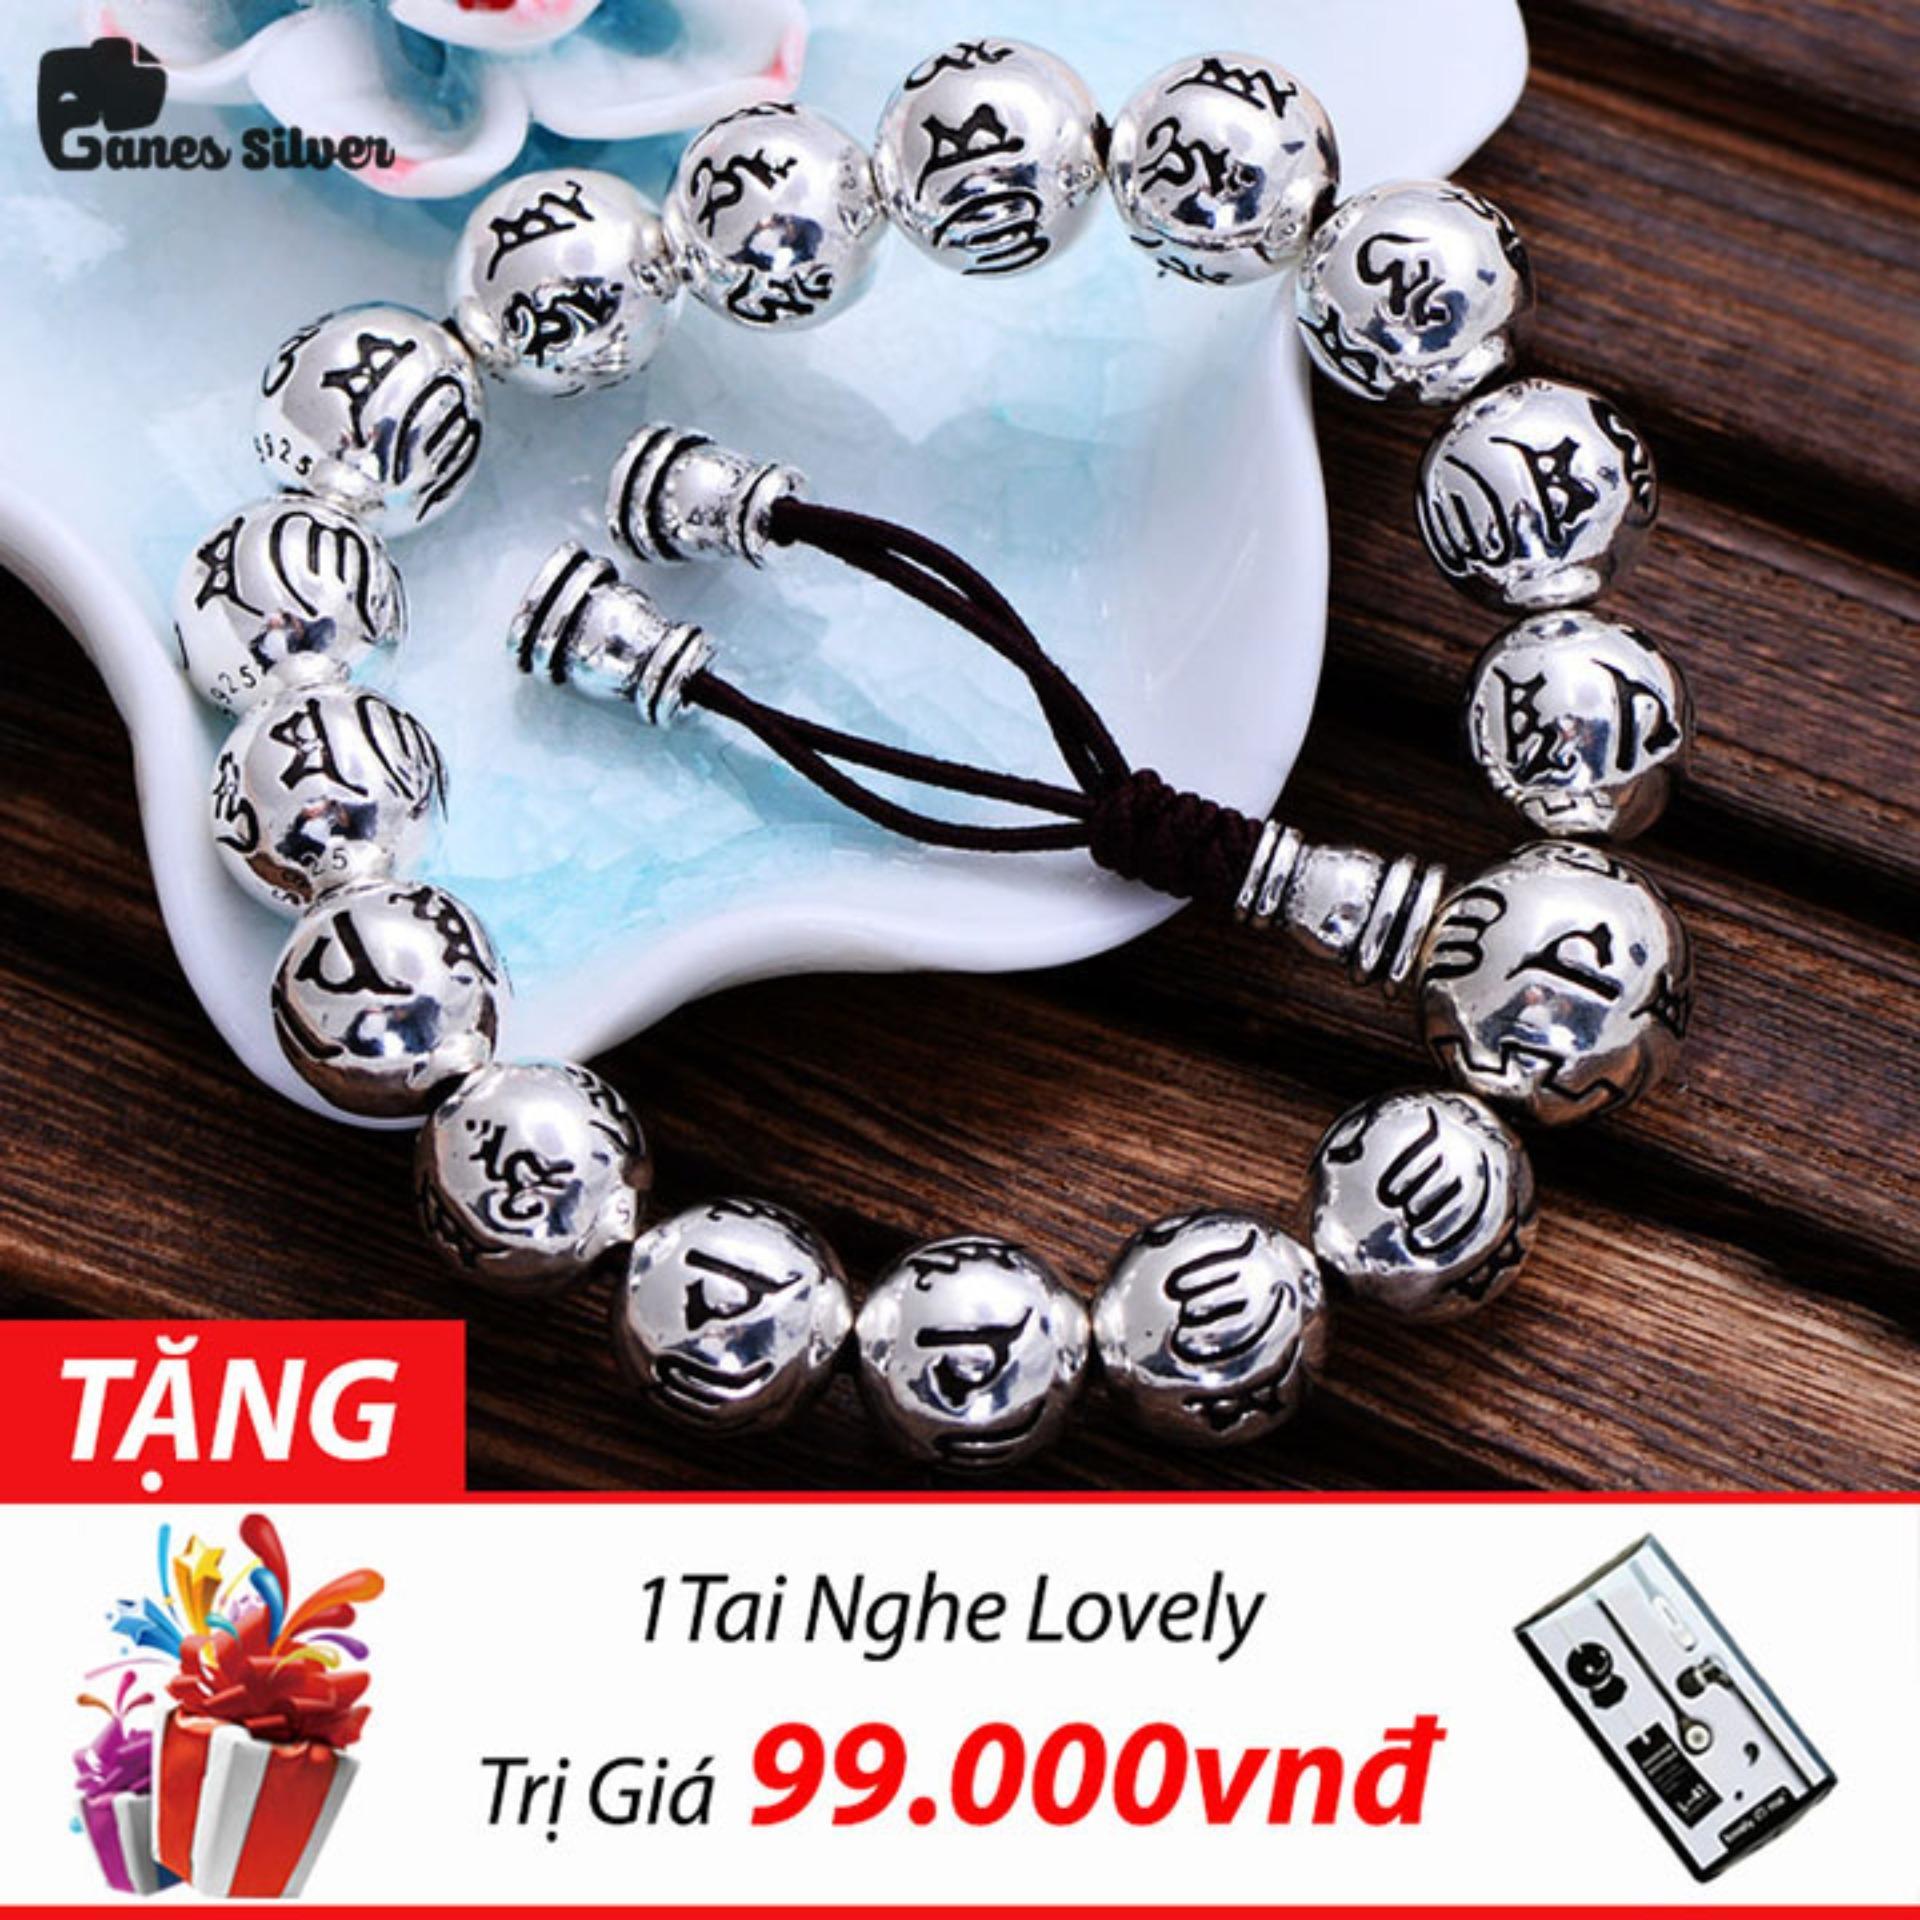 Giá Bán Lắc Tay Nam Bi Khắc Lục Tự Đại Minh Chan Ngon 12Mm Chất Liệu Bạc Thai Cao Cấp Thương Hiệu Ganes Silver Bạc Mới